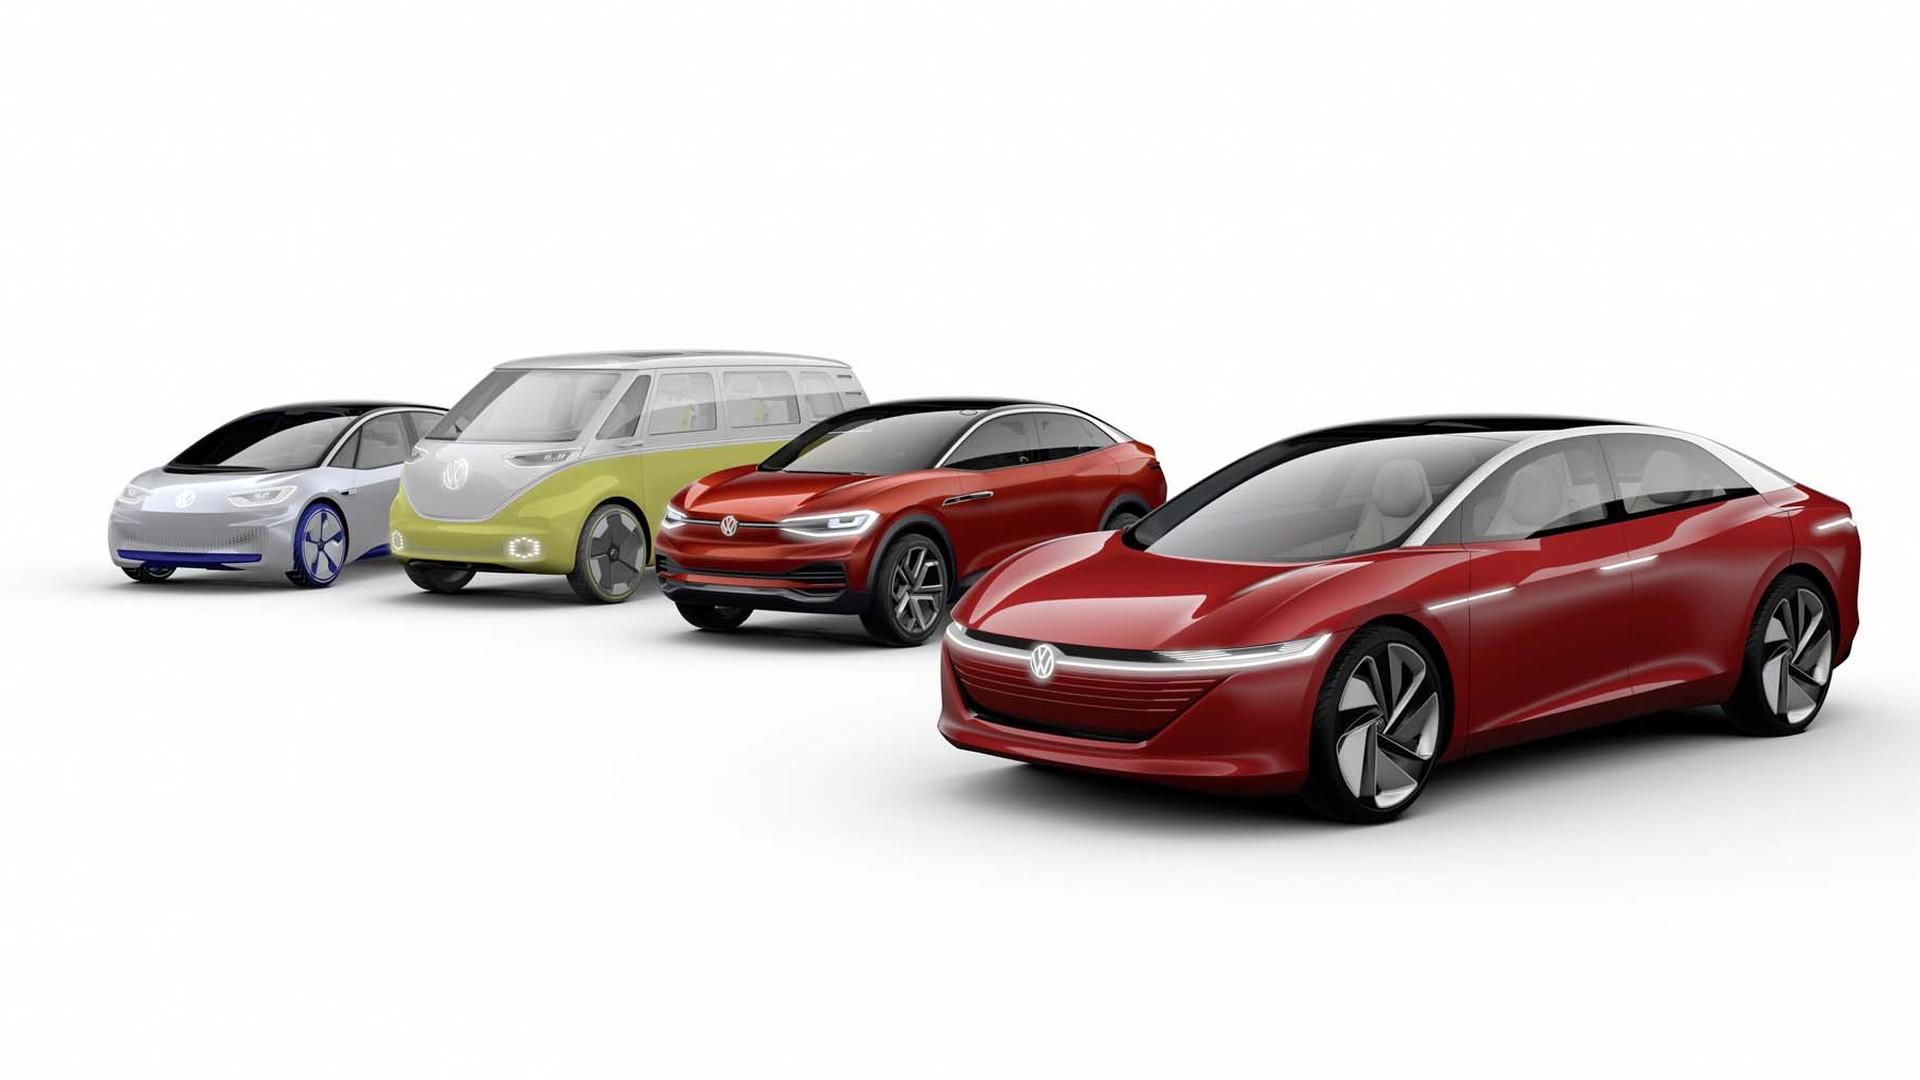 Volkswagen MEB platform architecture